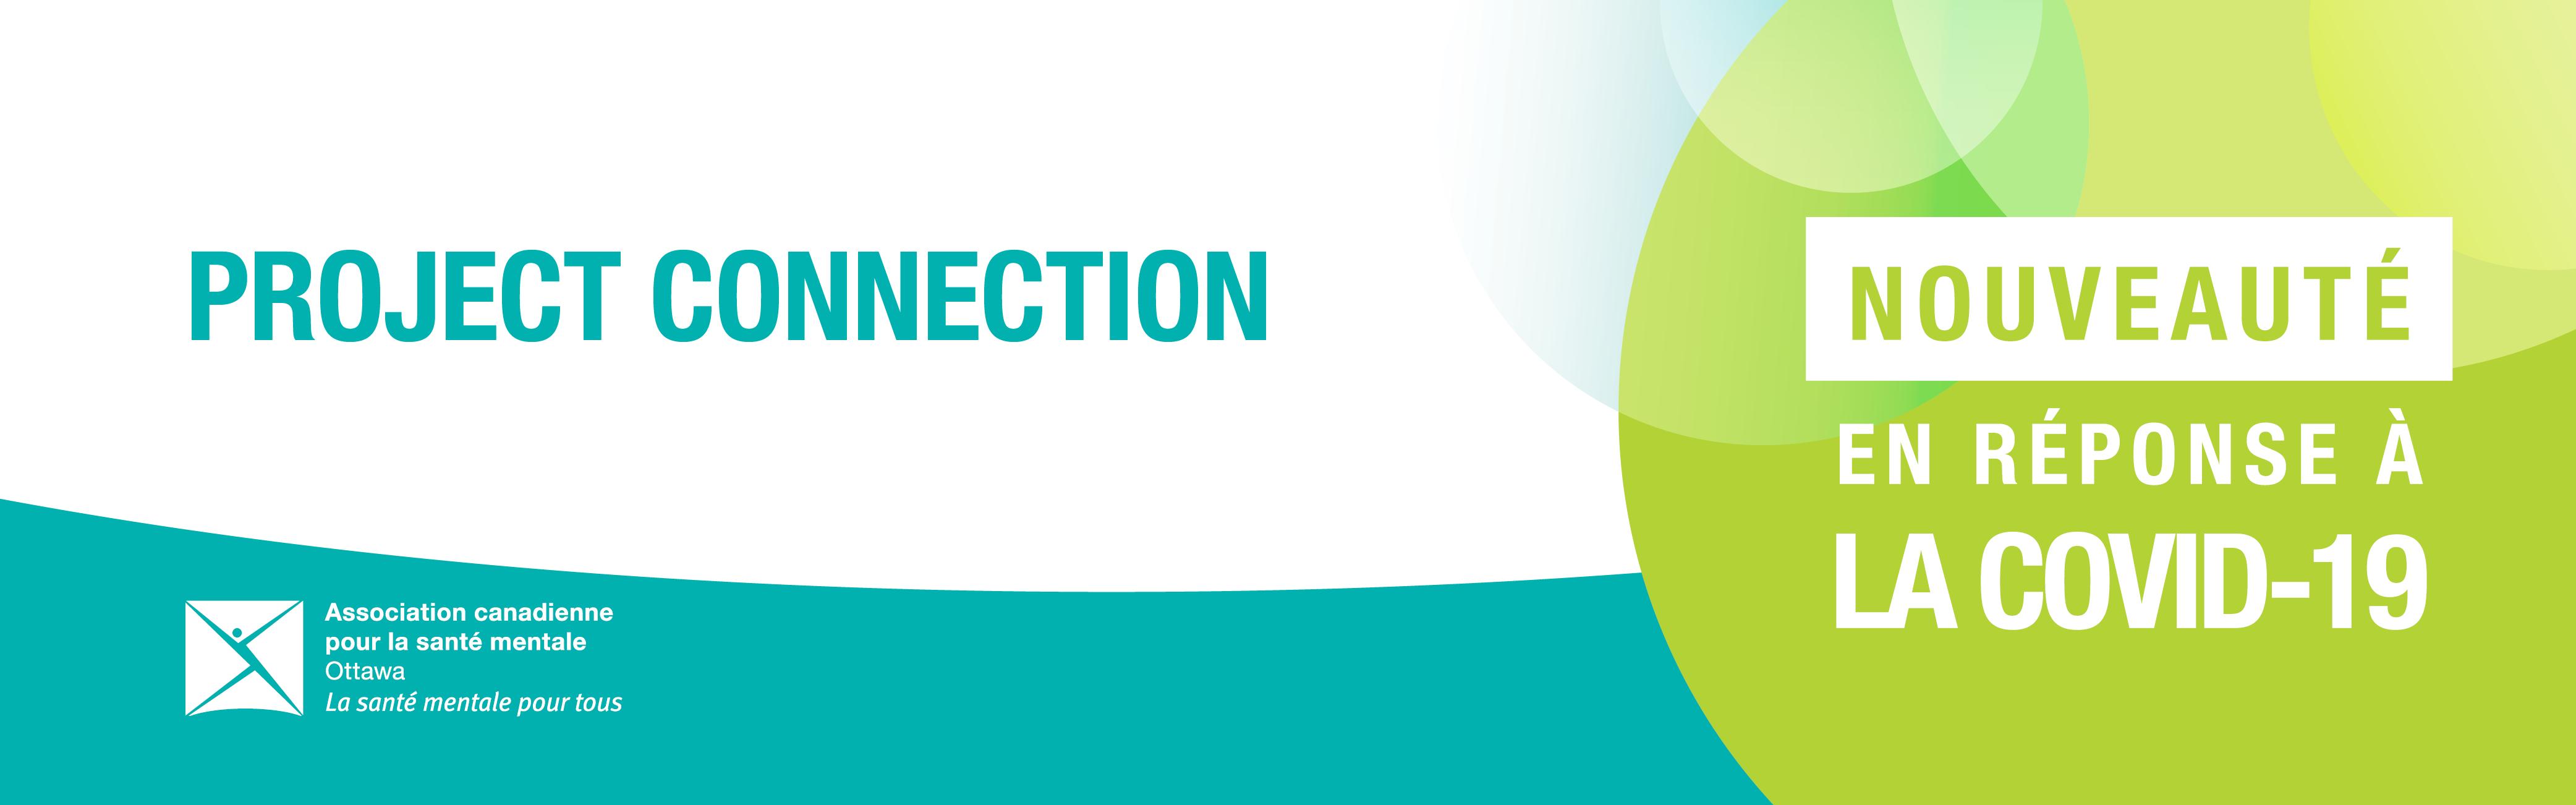 Project Connection : Fournir des téléphones intelligents aux clients pour appuyer l'équité en santé et l'accès aux soins virtuels